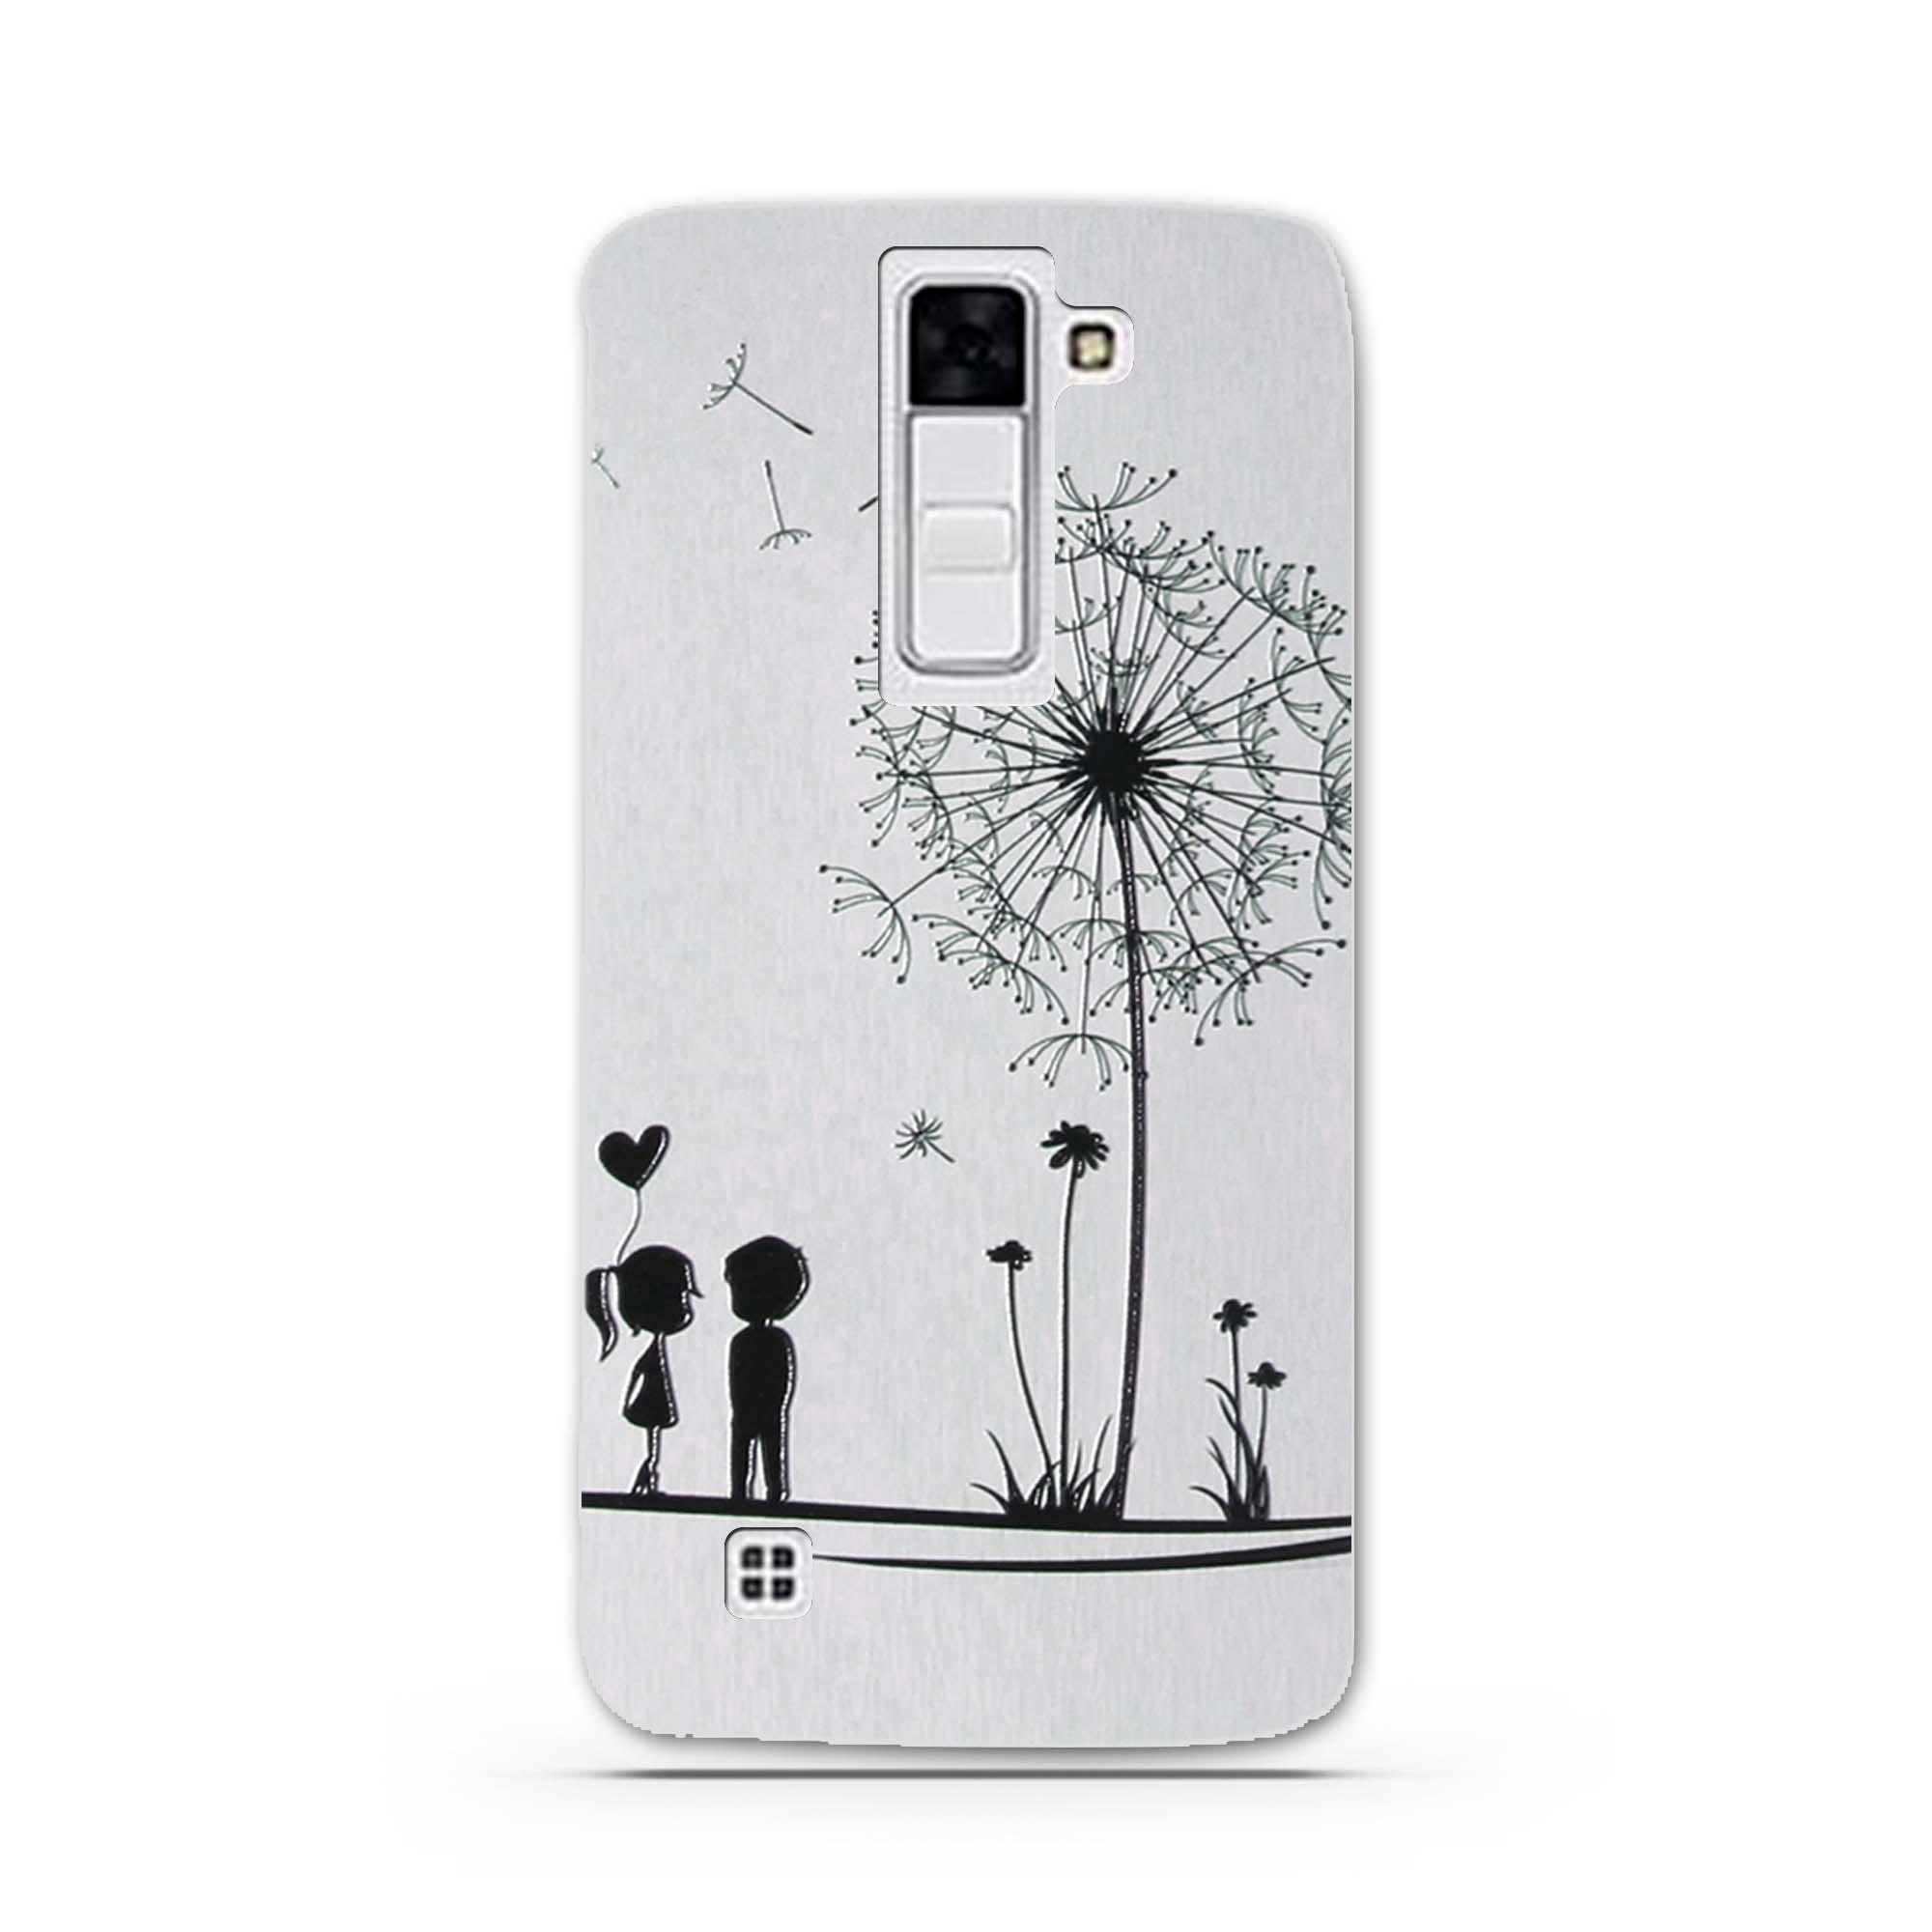 """Case Miękka TPU Luksusowe 3D Ulga Druk Pokrywy Skrzynka Dla LG K8 Lte K350 K350E K350N 5.0 """"K 8 Telefon Powrót Silicon Pokrywa Bag Sprawach 21"""